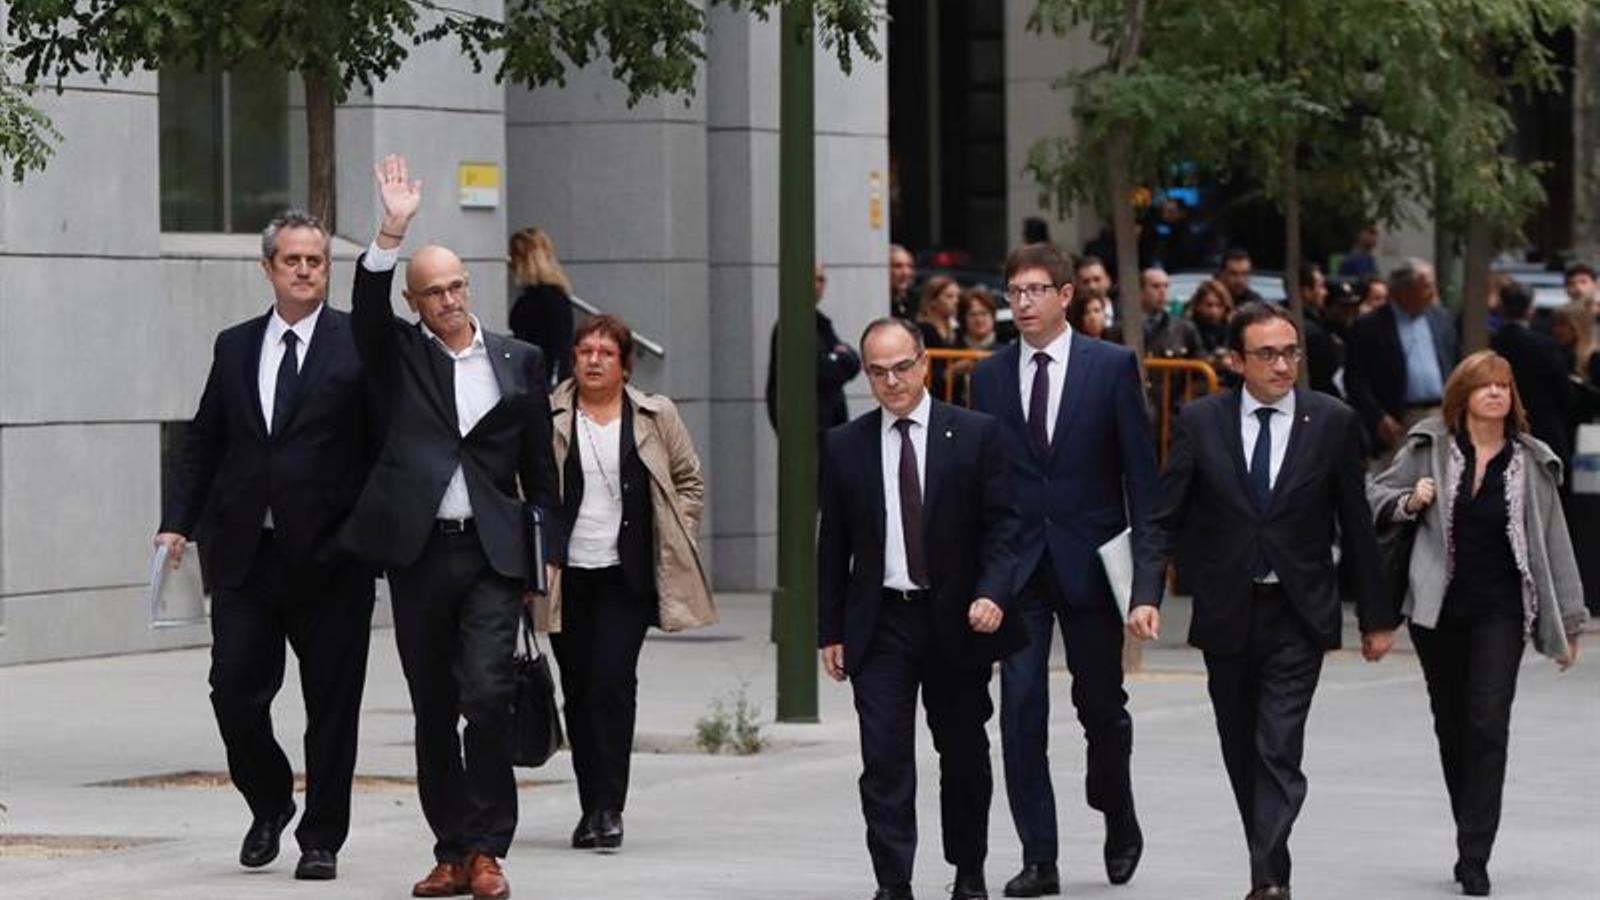 La Fiscalia s'oposa a la compareixença dels presos polítics a la comissió d'investigació pel 155